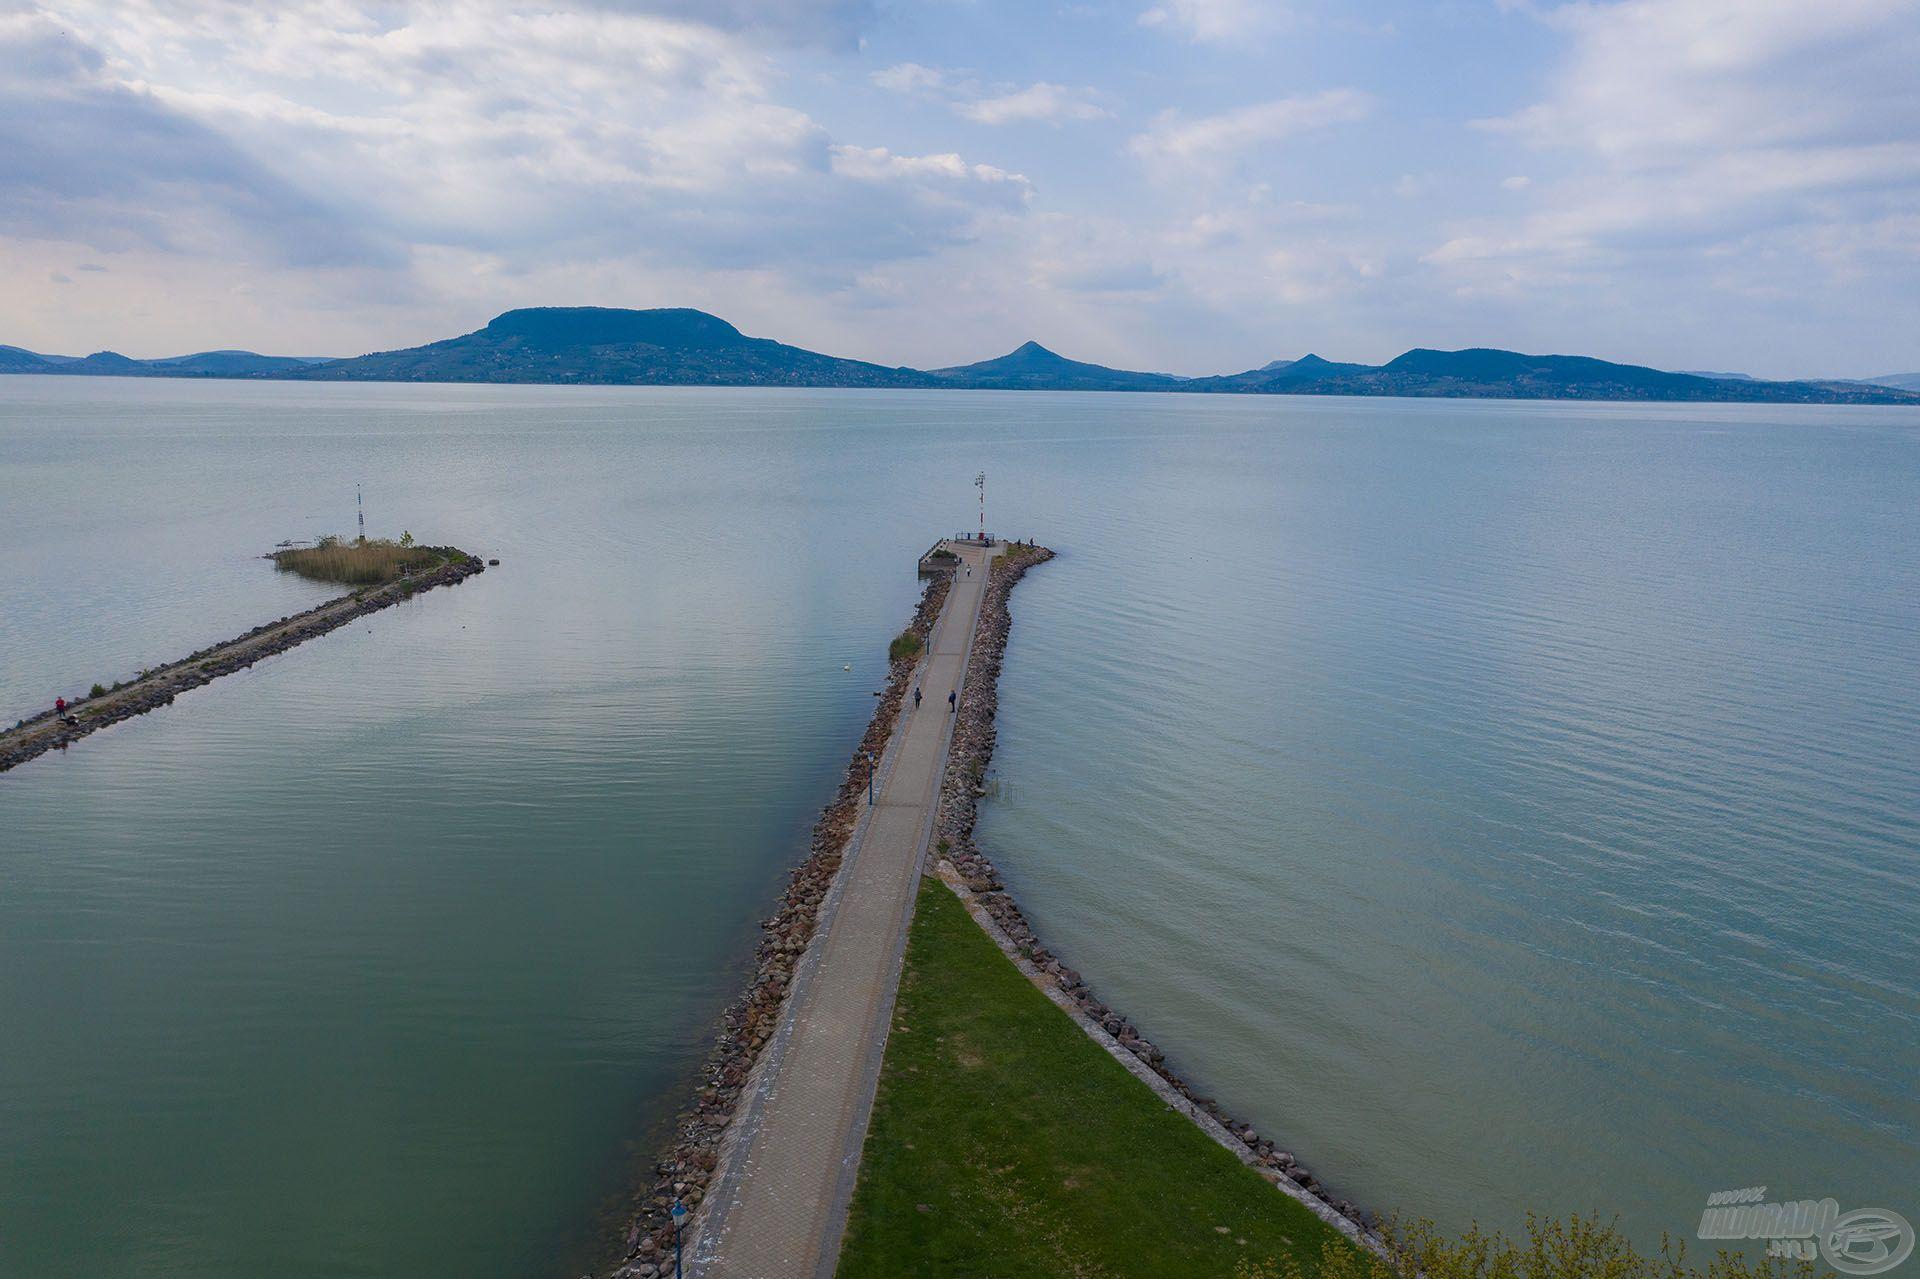 A híres Fonyódi móló végén ültem le, amely 500 méter hosszan nyúlik be a Balatonba. Ez a déli part egyik legígéretesebb horgászhelye